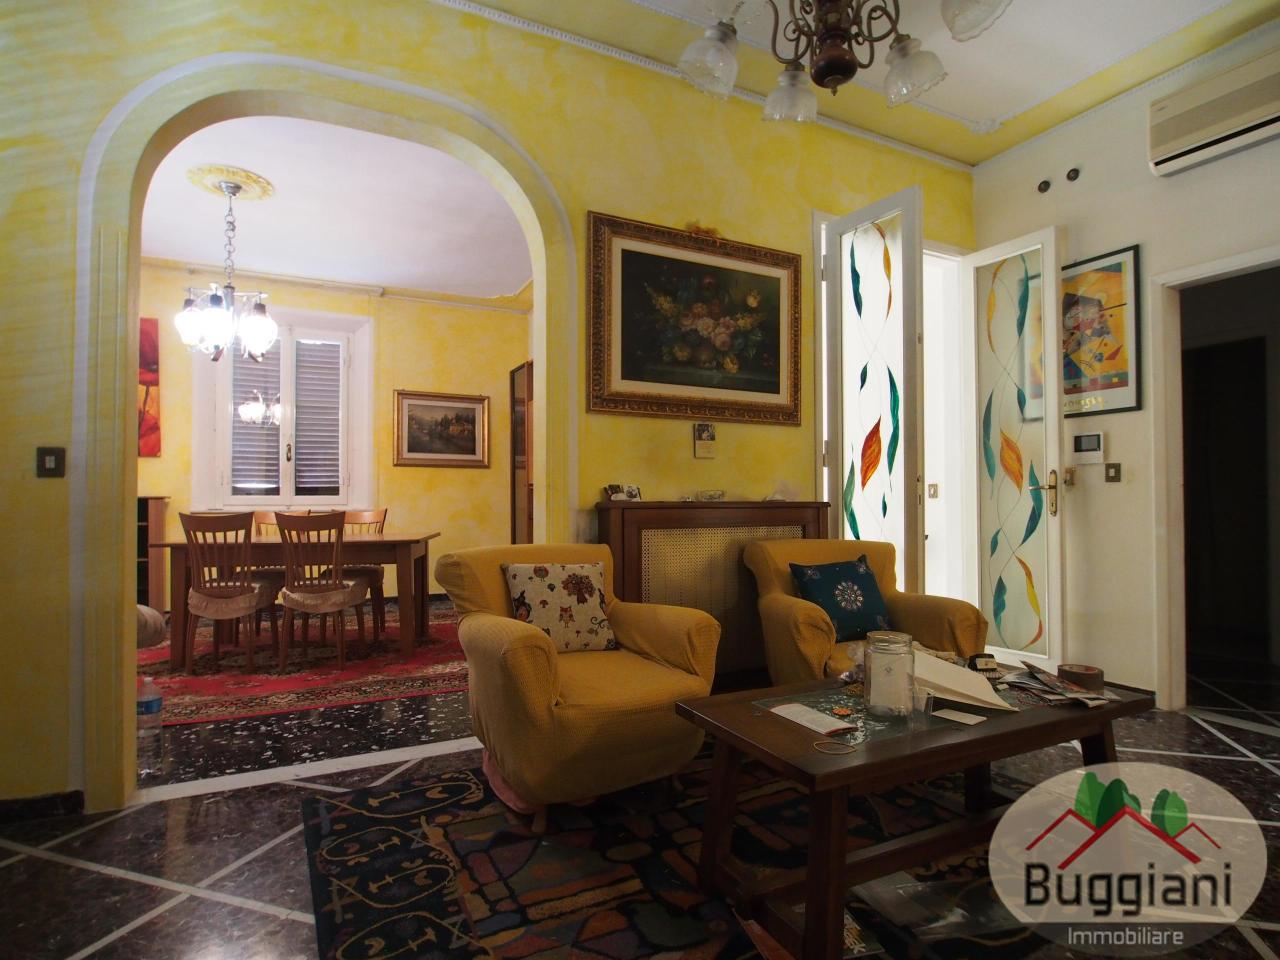 Appartamento in vendita RIF. 2447, Santa Croce sull'Arno (PI)